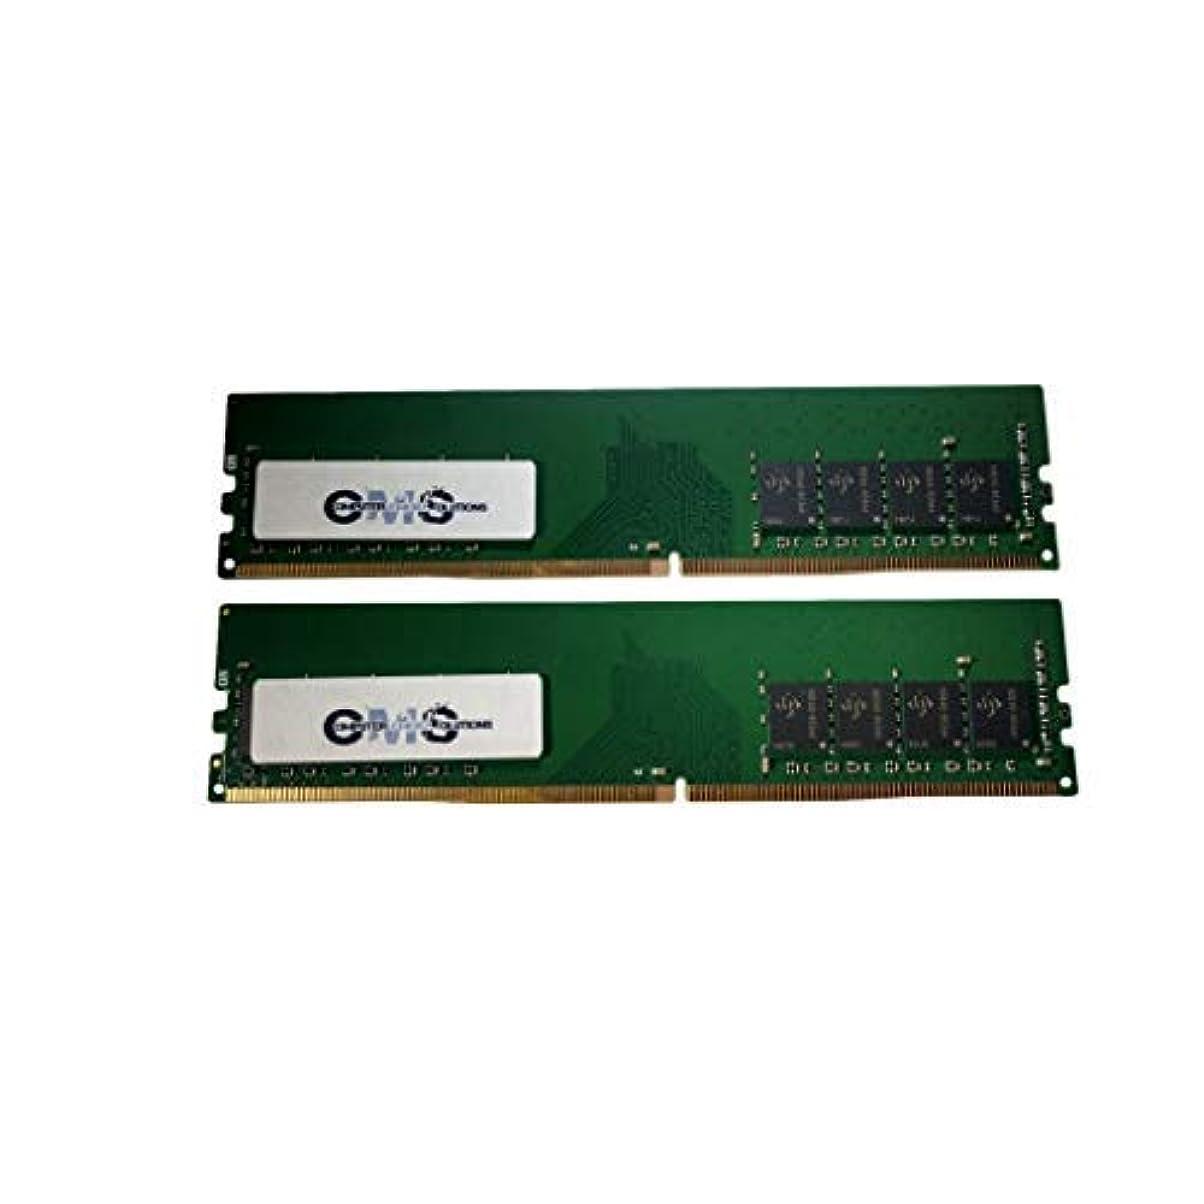 ワイドタフ土16GB (2X8GB) Memory RAM Compatible with ASUS/ASmobile - ROG Strix X99 Gaming, ROG Zenith Extreme, X299 ROG Rampage VI Extreme, Prime X399-A, ROG Strix X399-E Gaming Motherboards by CMS C112 [並行輸入品]